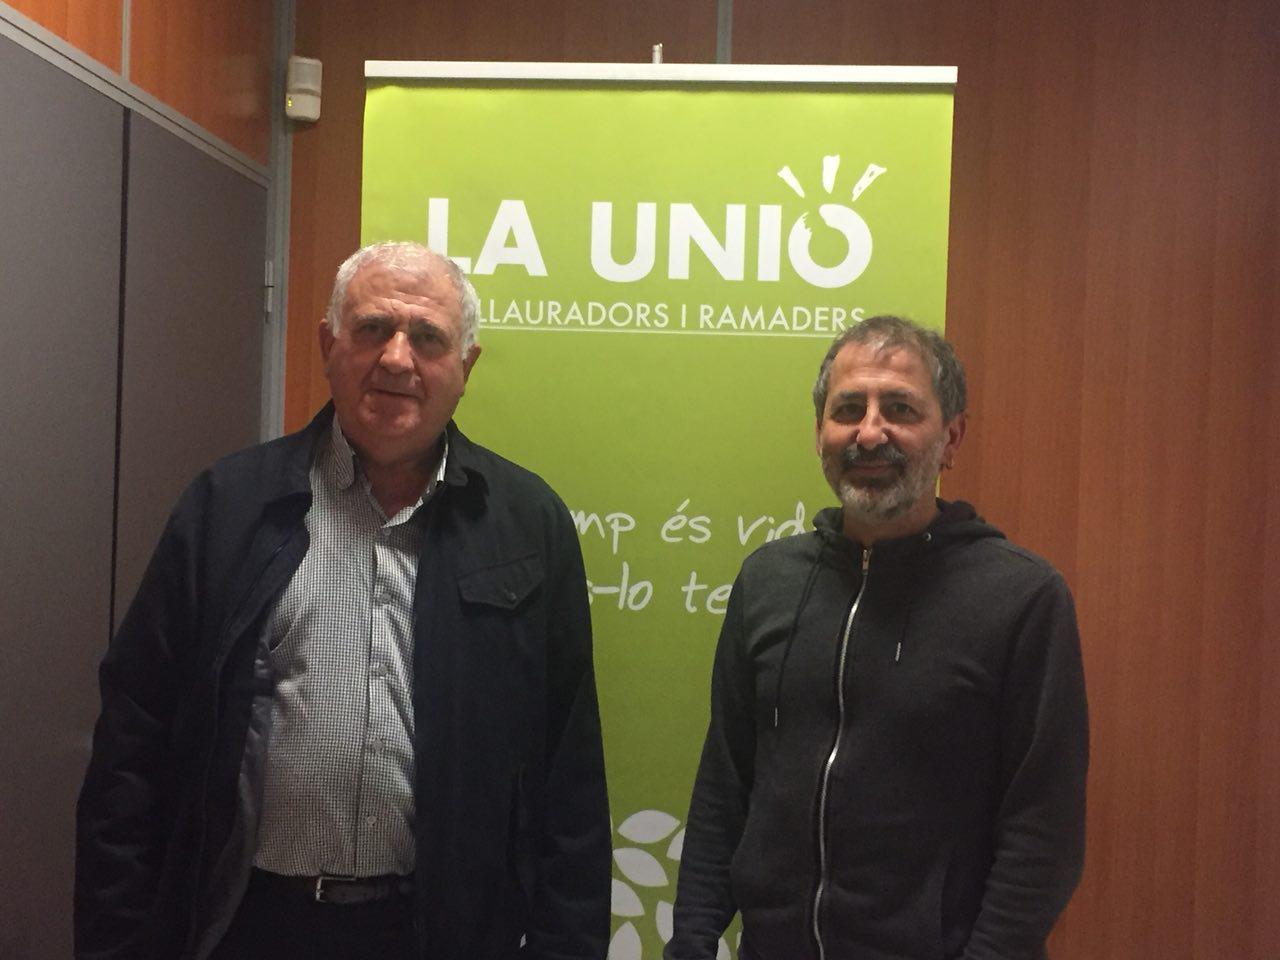 Ens Reunim Amb La Unió De Llauradors Per A Presentar El Pla Vila Verda